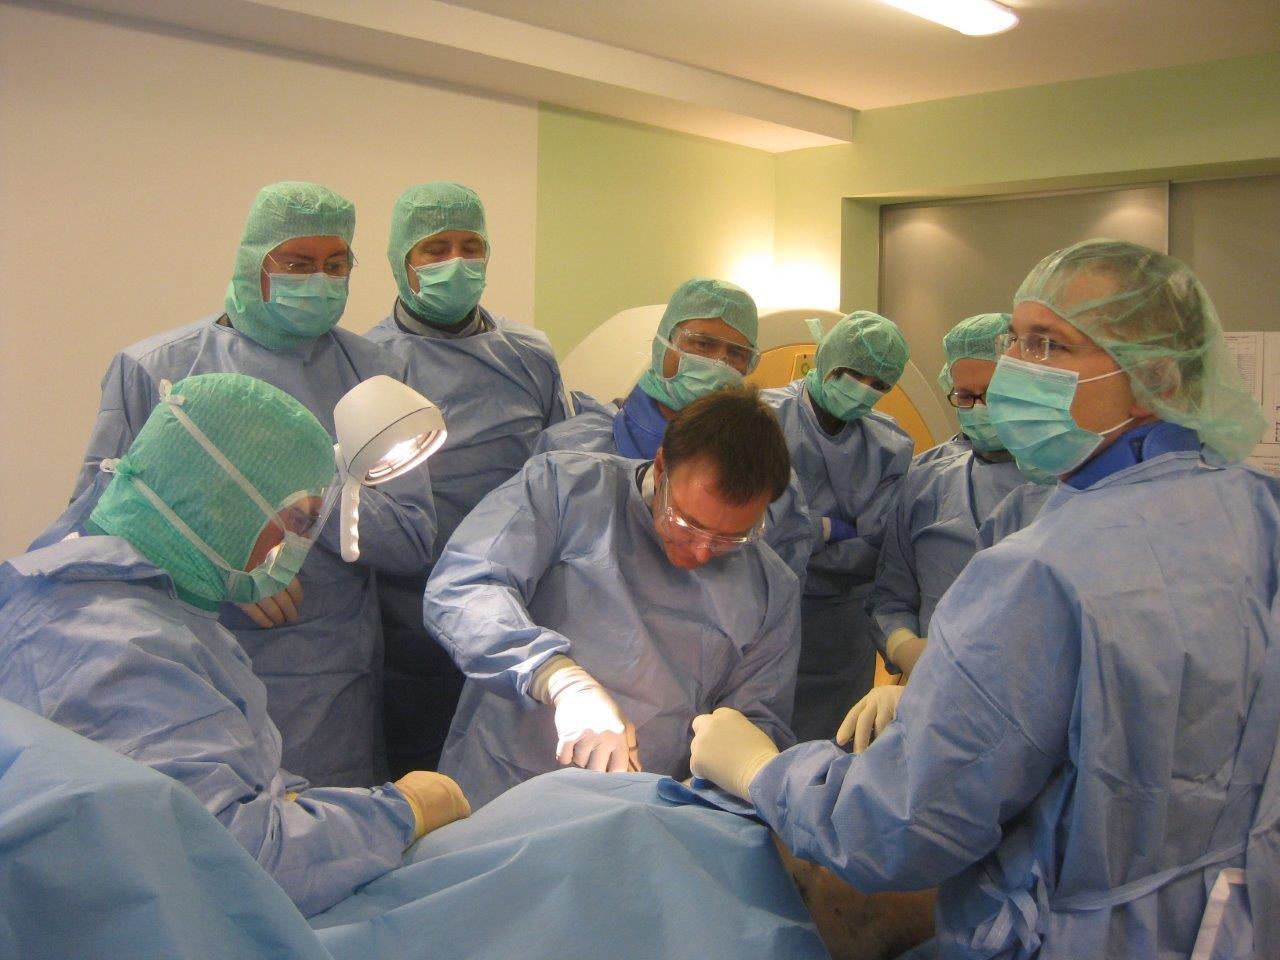 CoST OP-Kurs Hüftgelenk-Kurzschaft-Prothesen